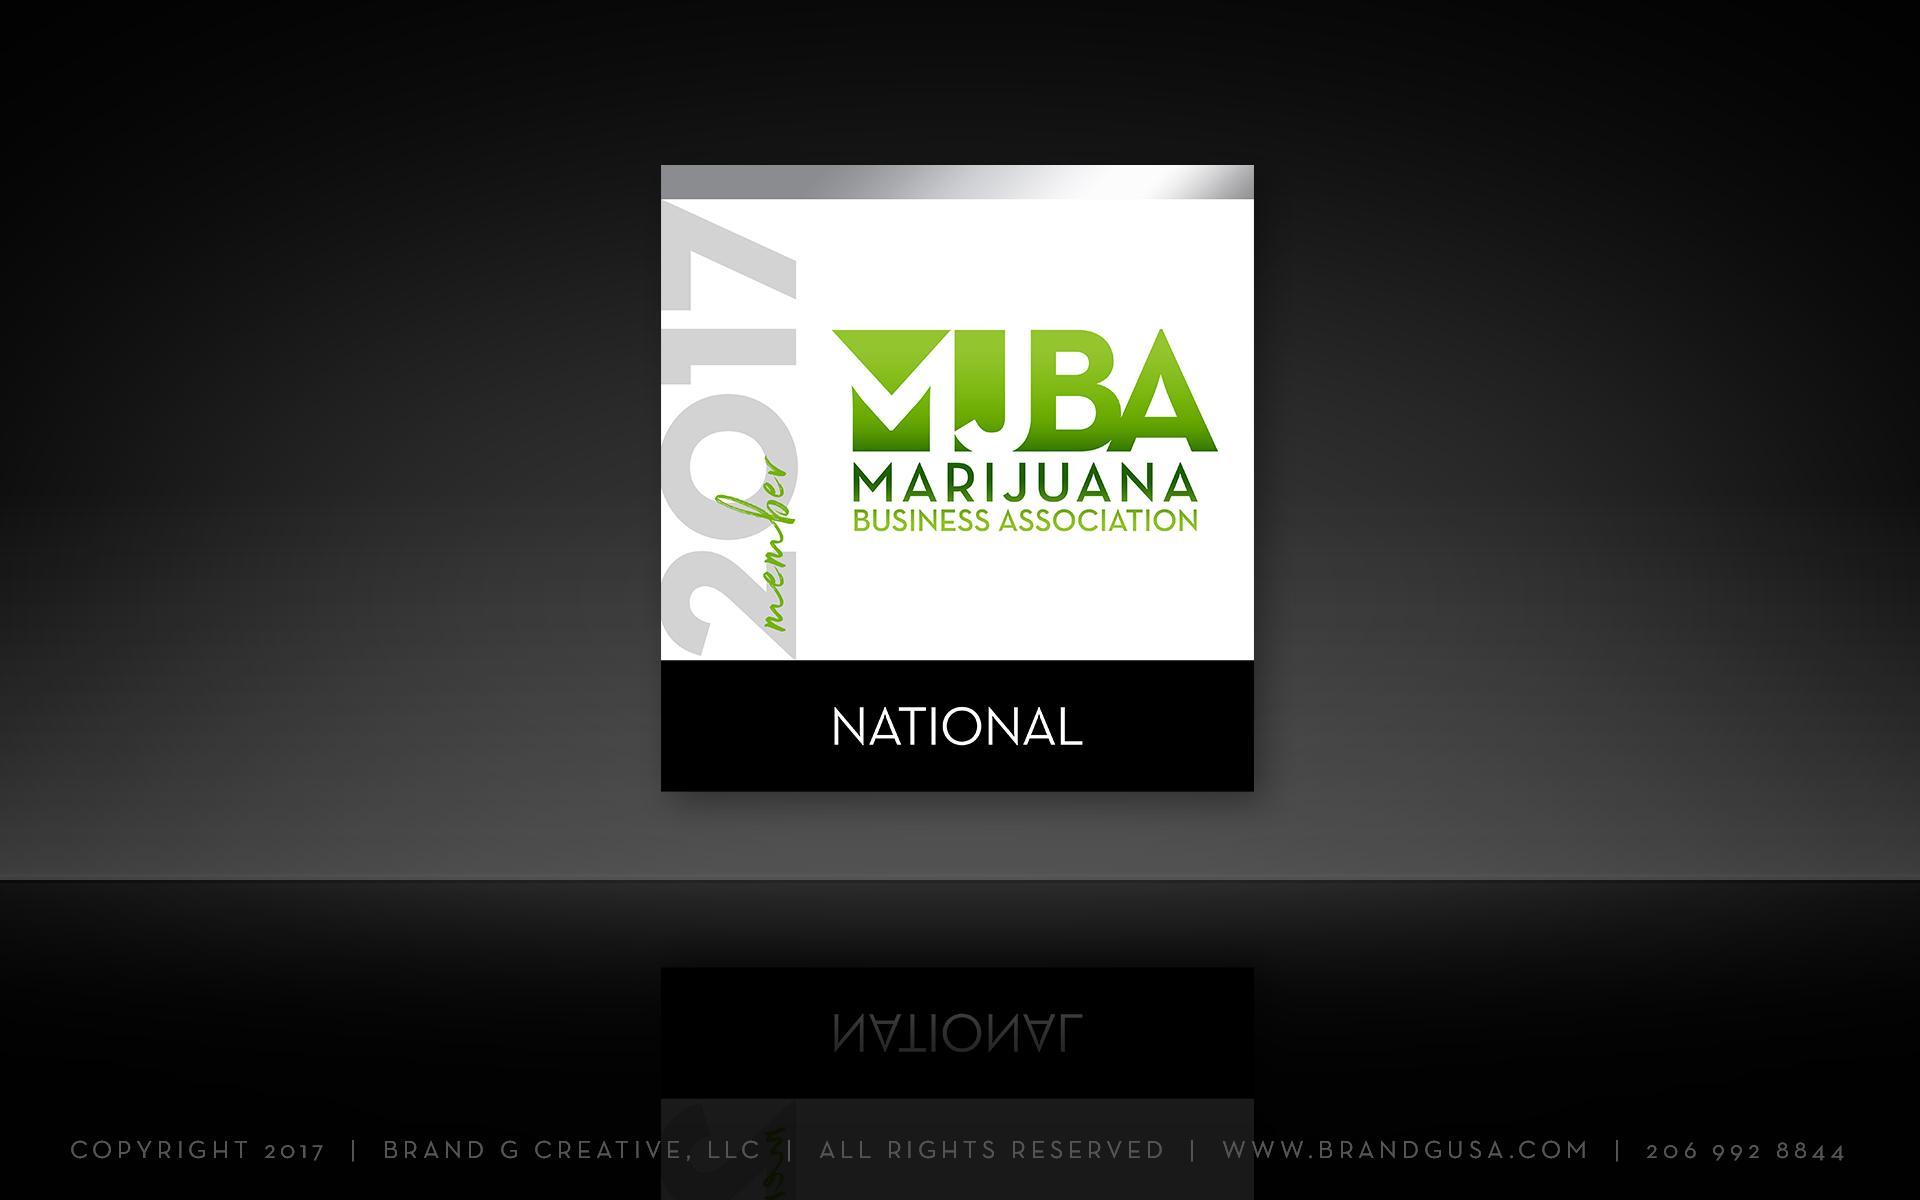 MJBA 2017 Membership Credentials, Logo, Seal